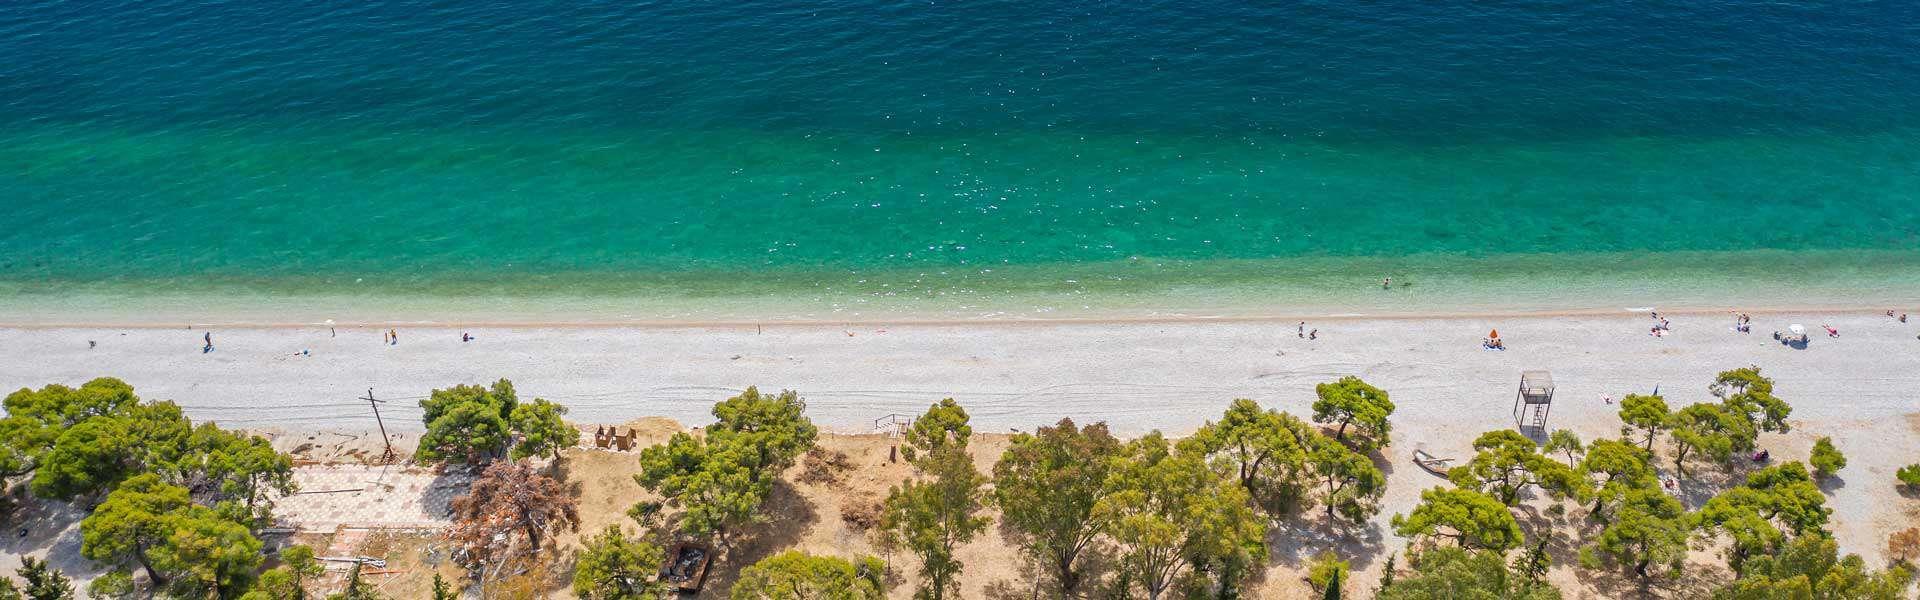 Παραλία Αγίων Θεοδώρων